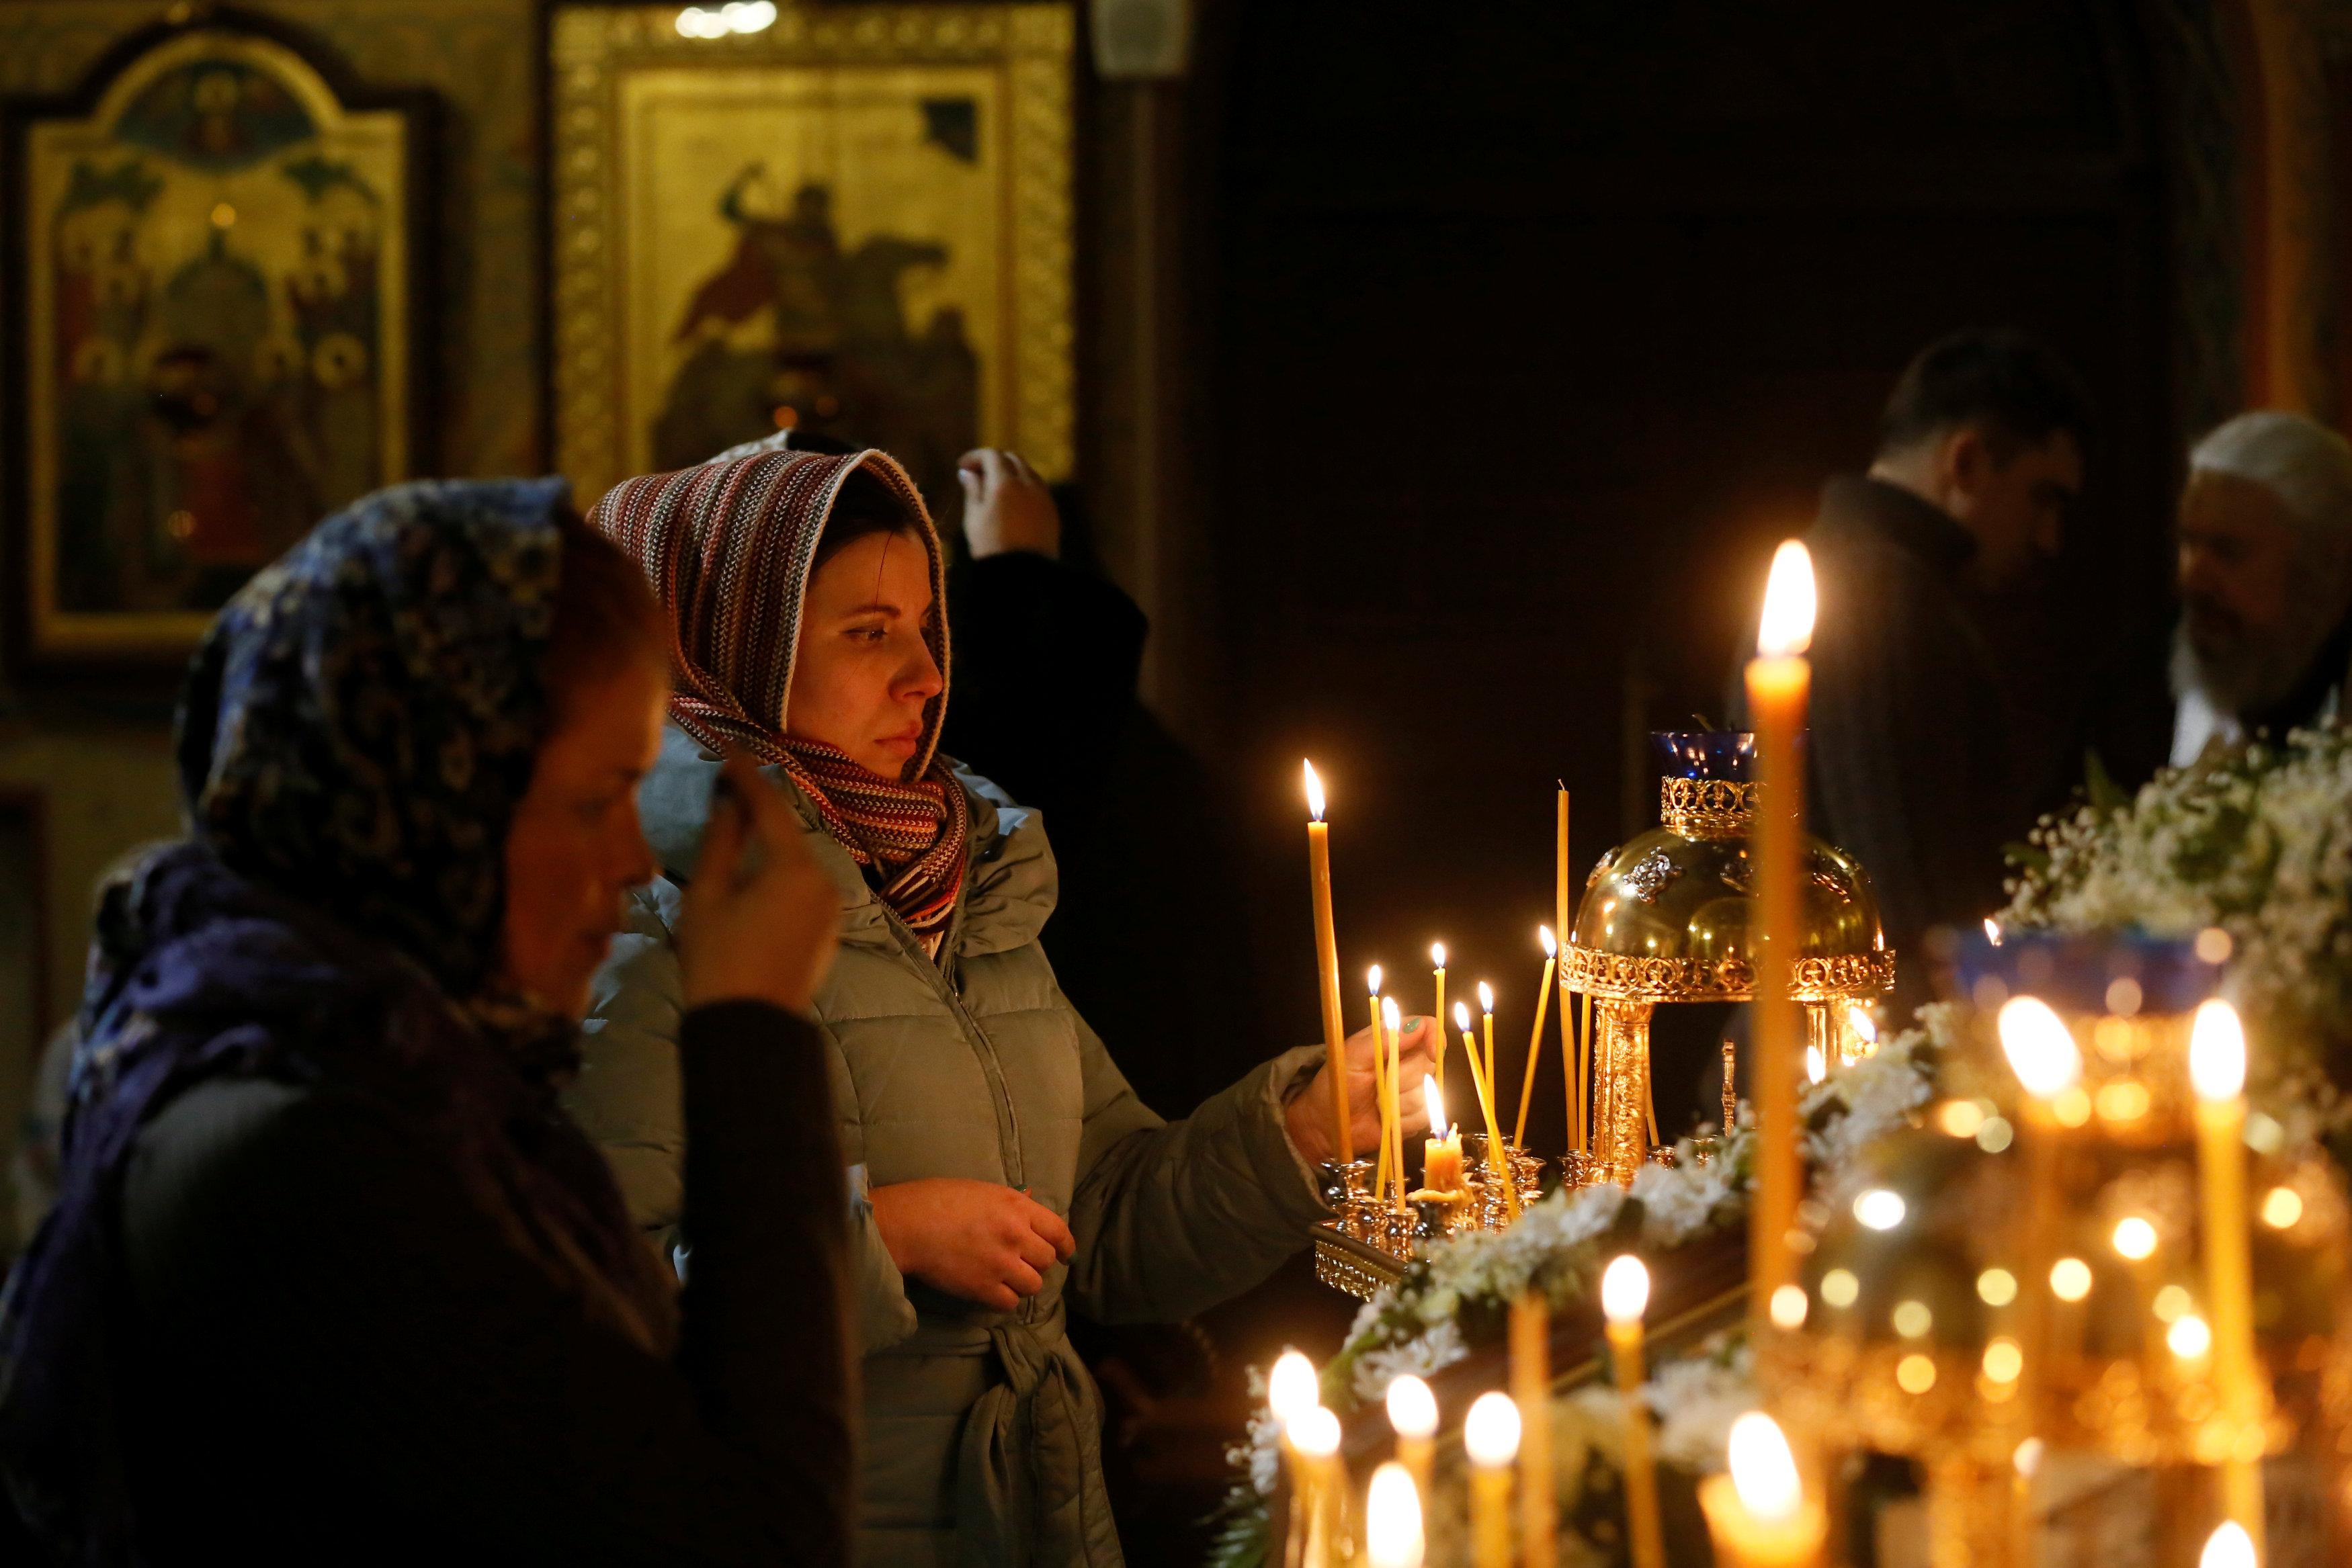 اضاءة الشموع خلال عيد الميلاد  (1)